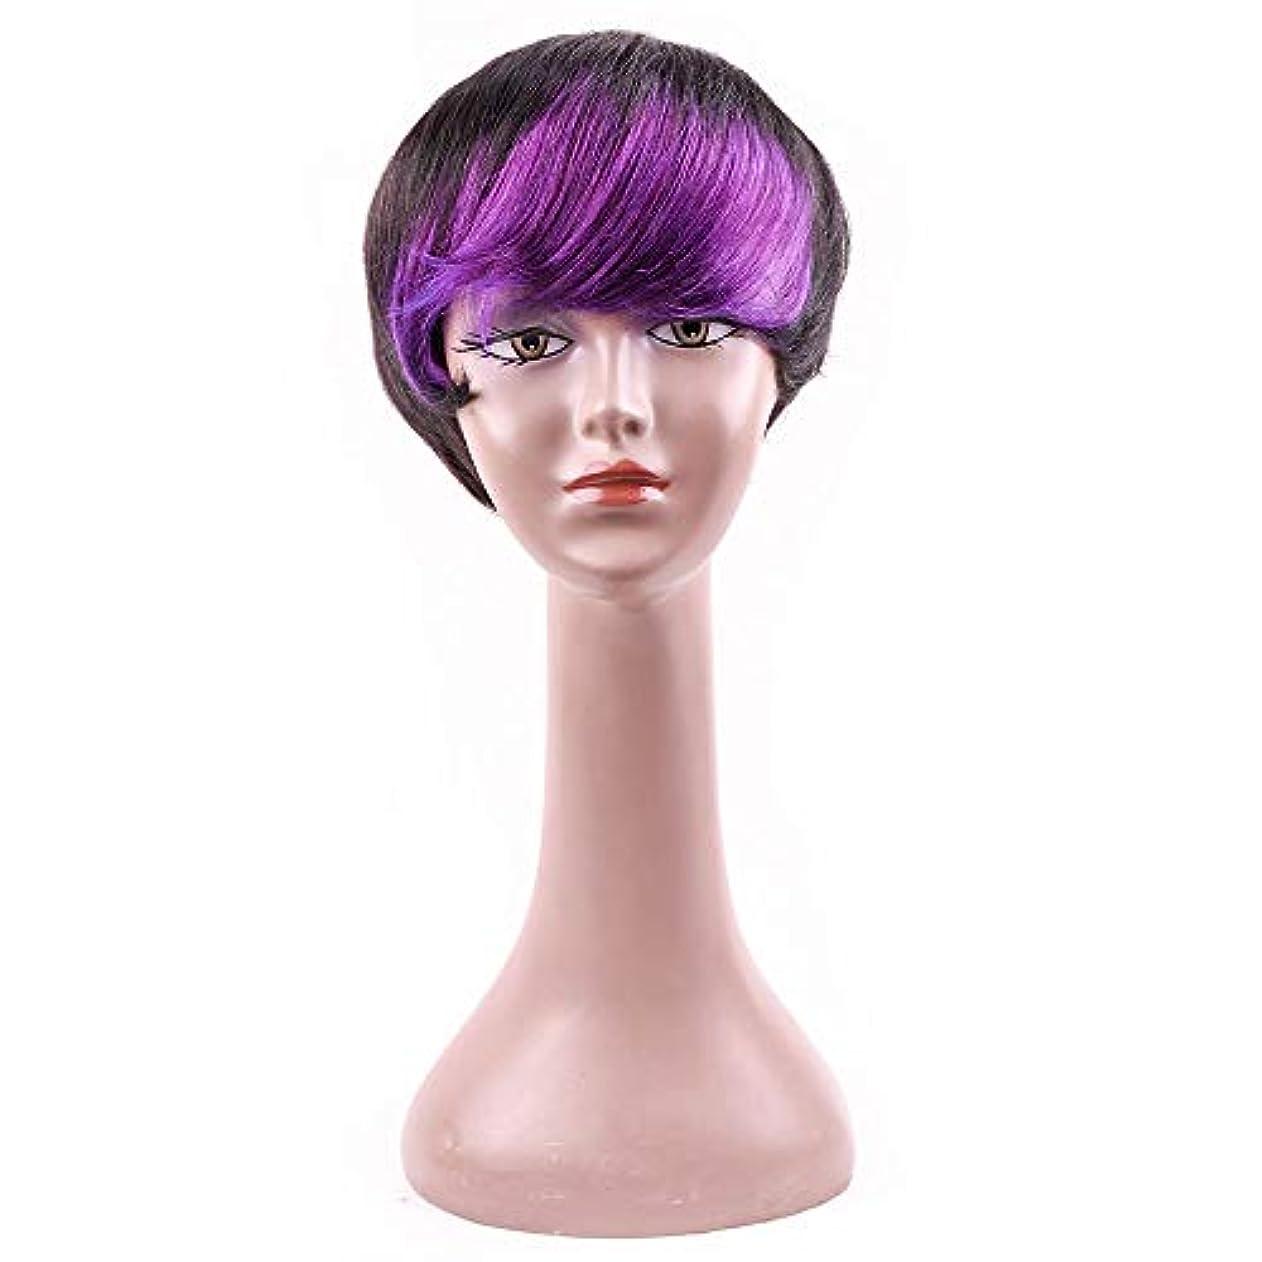 YOUQIU 女性のためのセクシーなショートヘアウィッグファンシードレス全頭ウィッグ[6